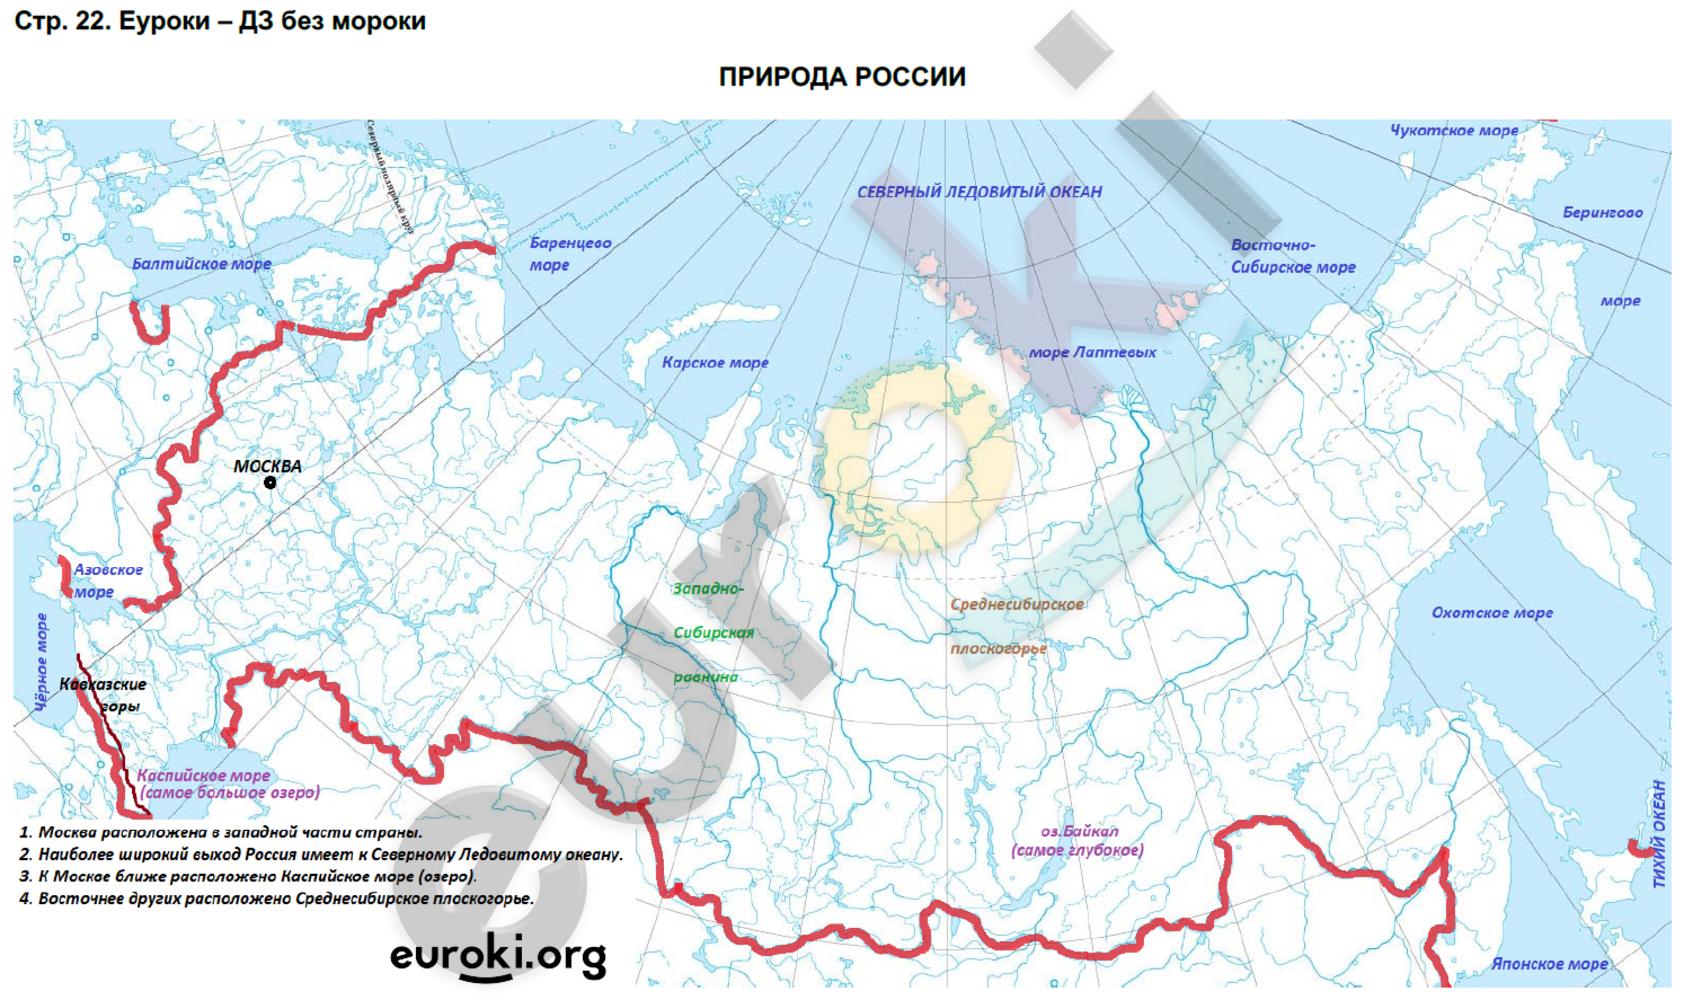 ГДЗ по географии 5 класс контурные карты Румянцев. Задание: стр. 22